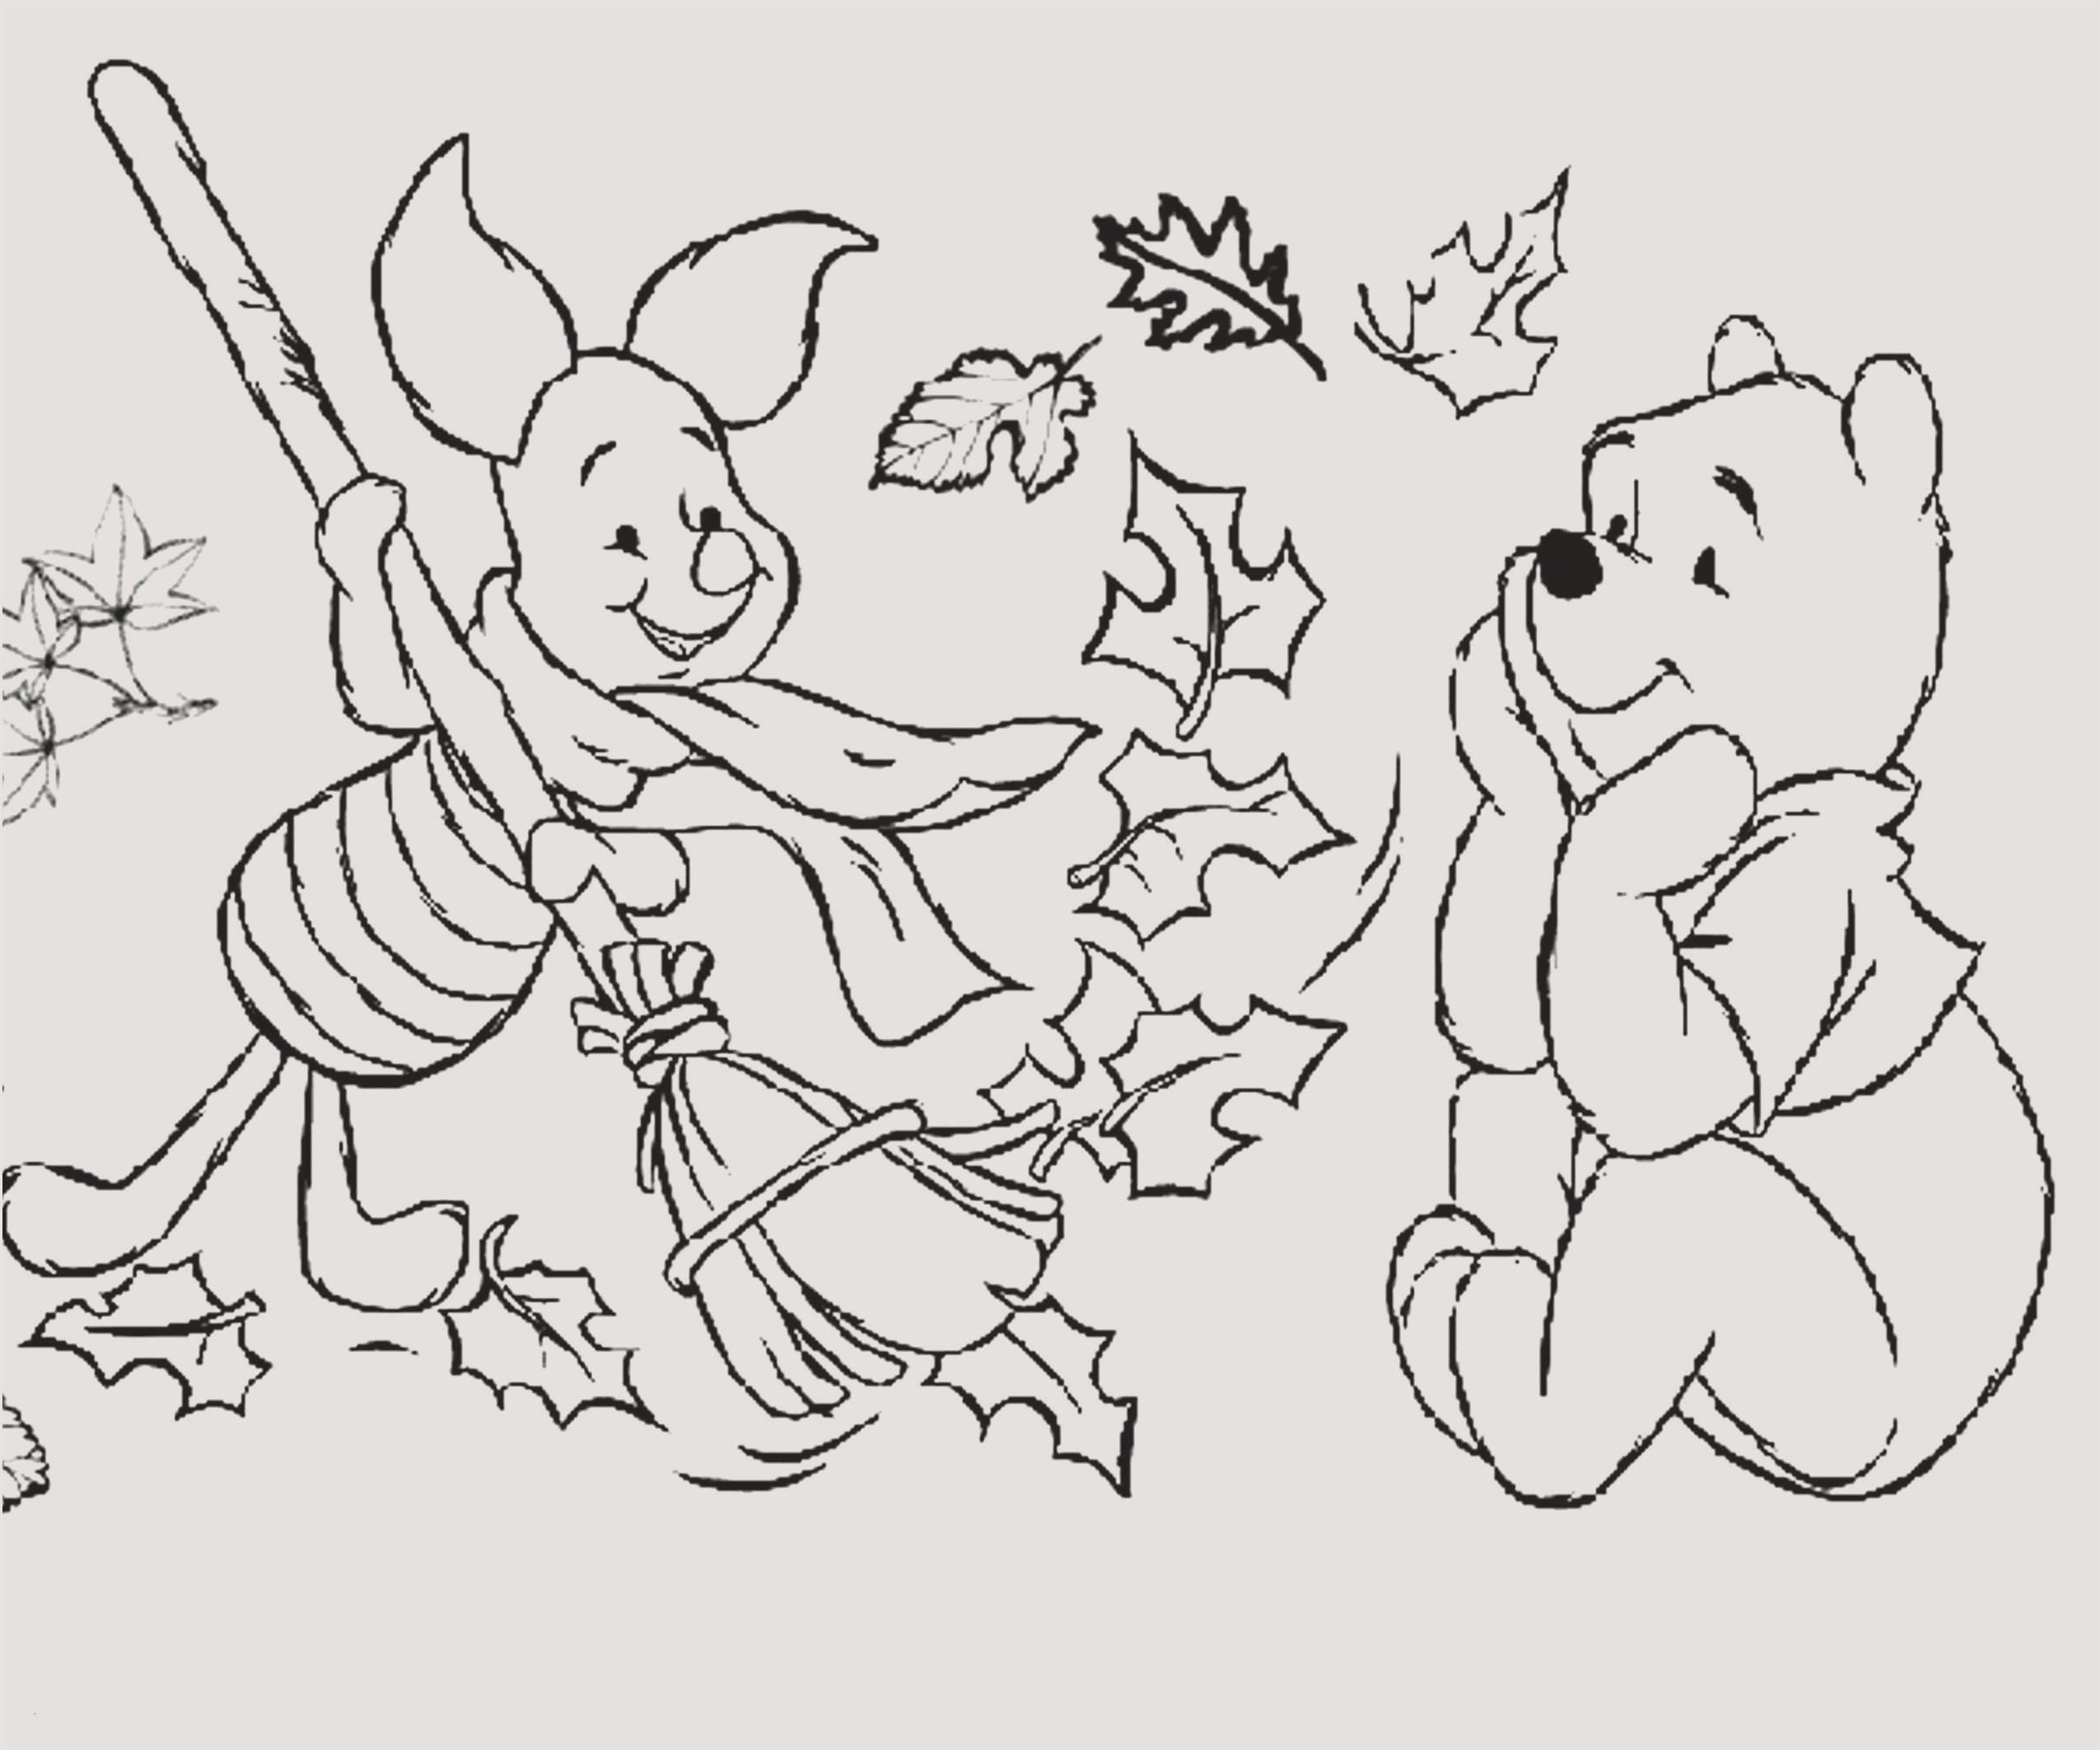 Ausmalbilder Cinderella Das Beste Von Disney Coloring Pages Elegant Coloring Pages Coloring Sheets to Sammlung